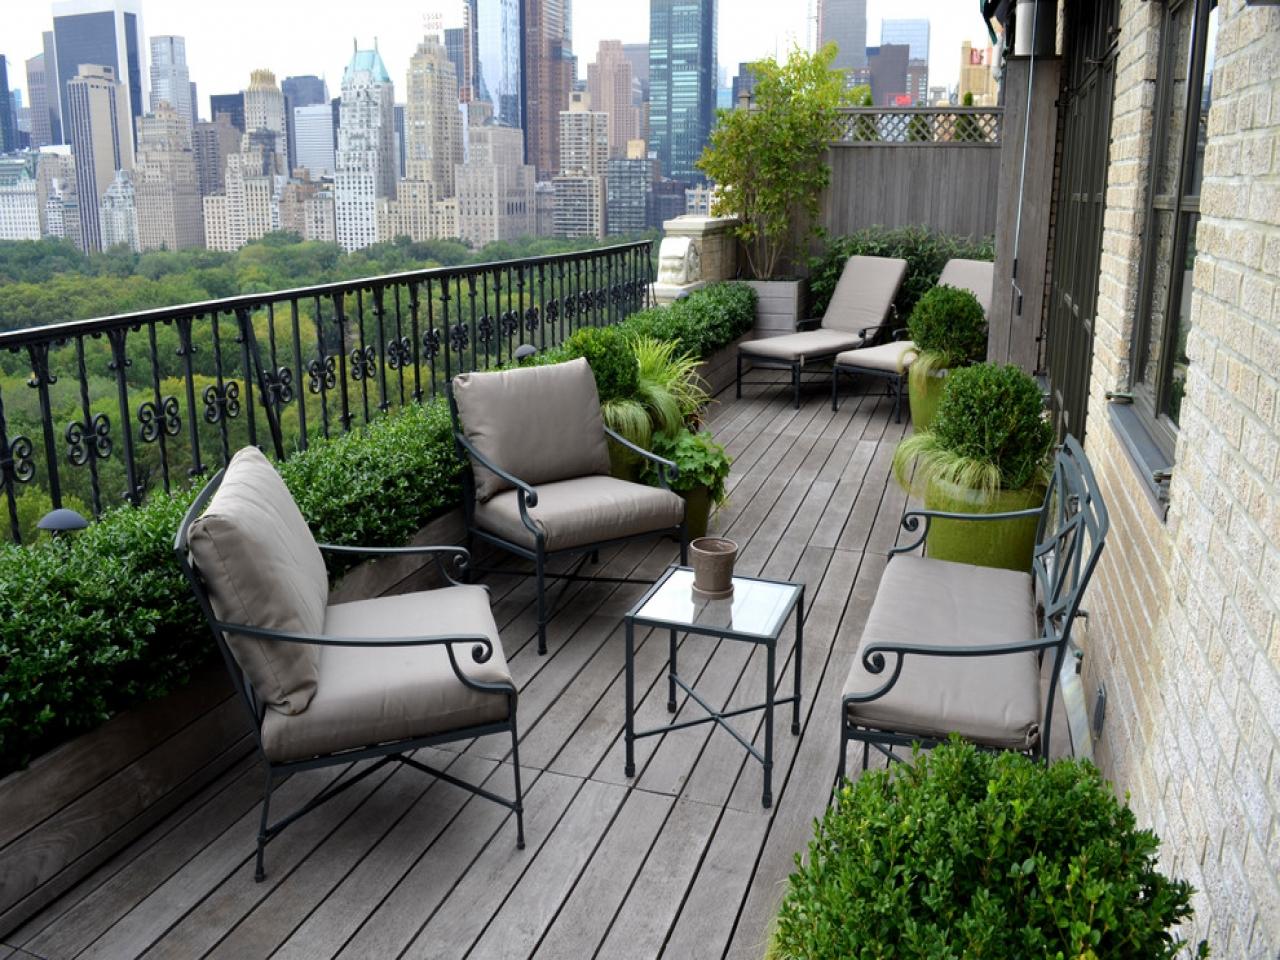 40 вариантов изготовления и дизайна пола на балконе!- ihouzz.